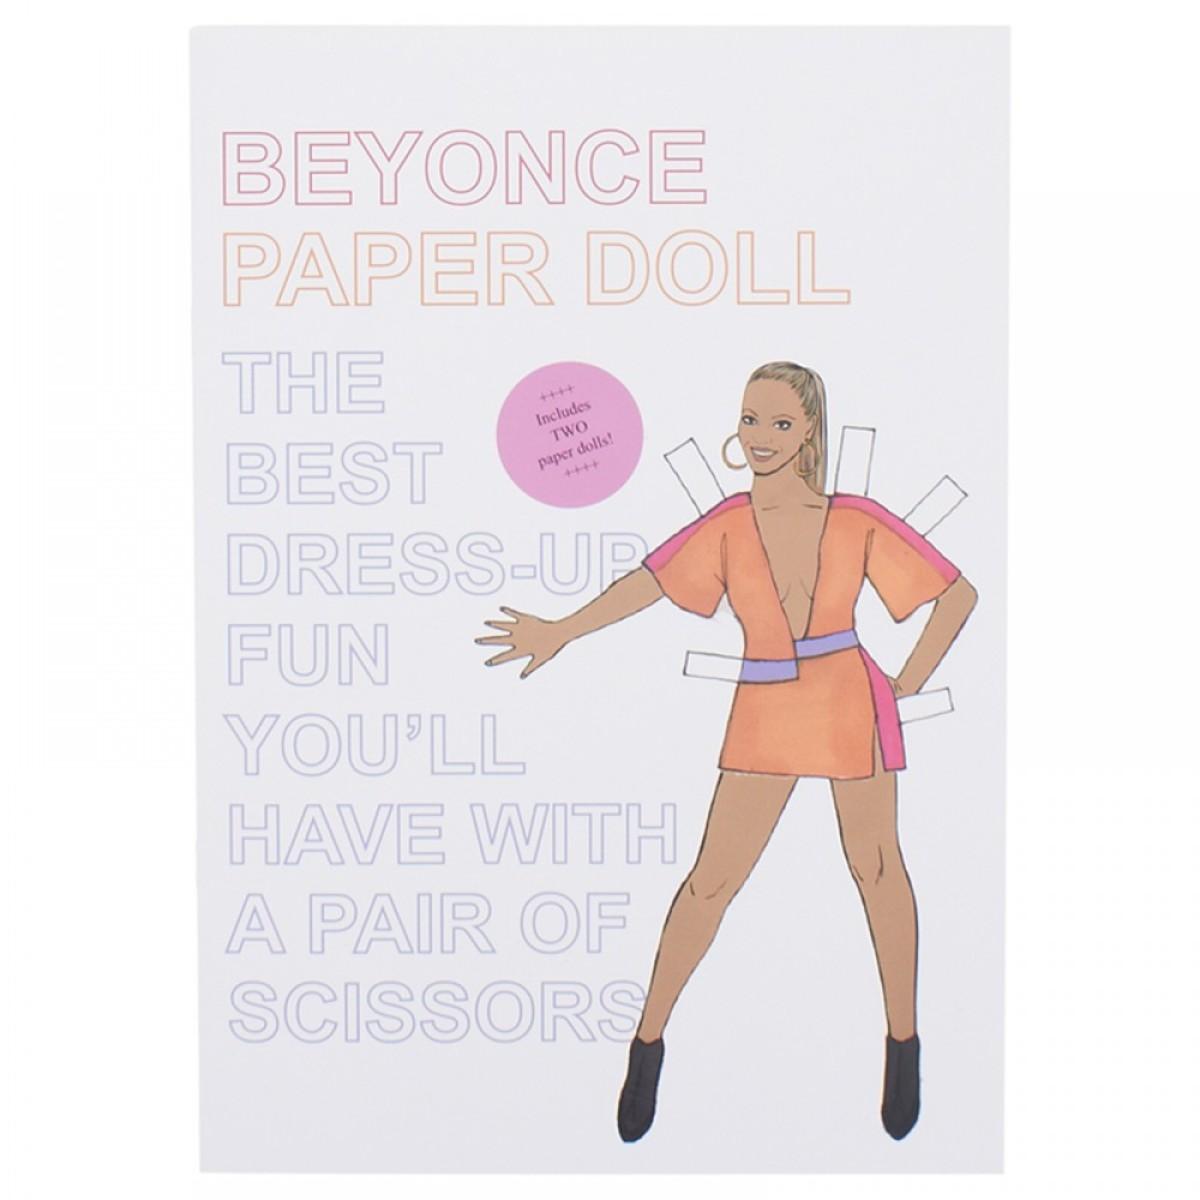 Beyonce Paper Dolls Set